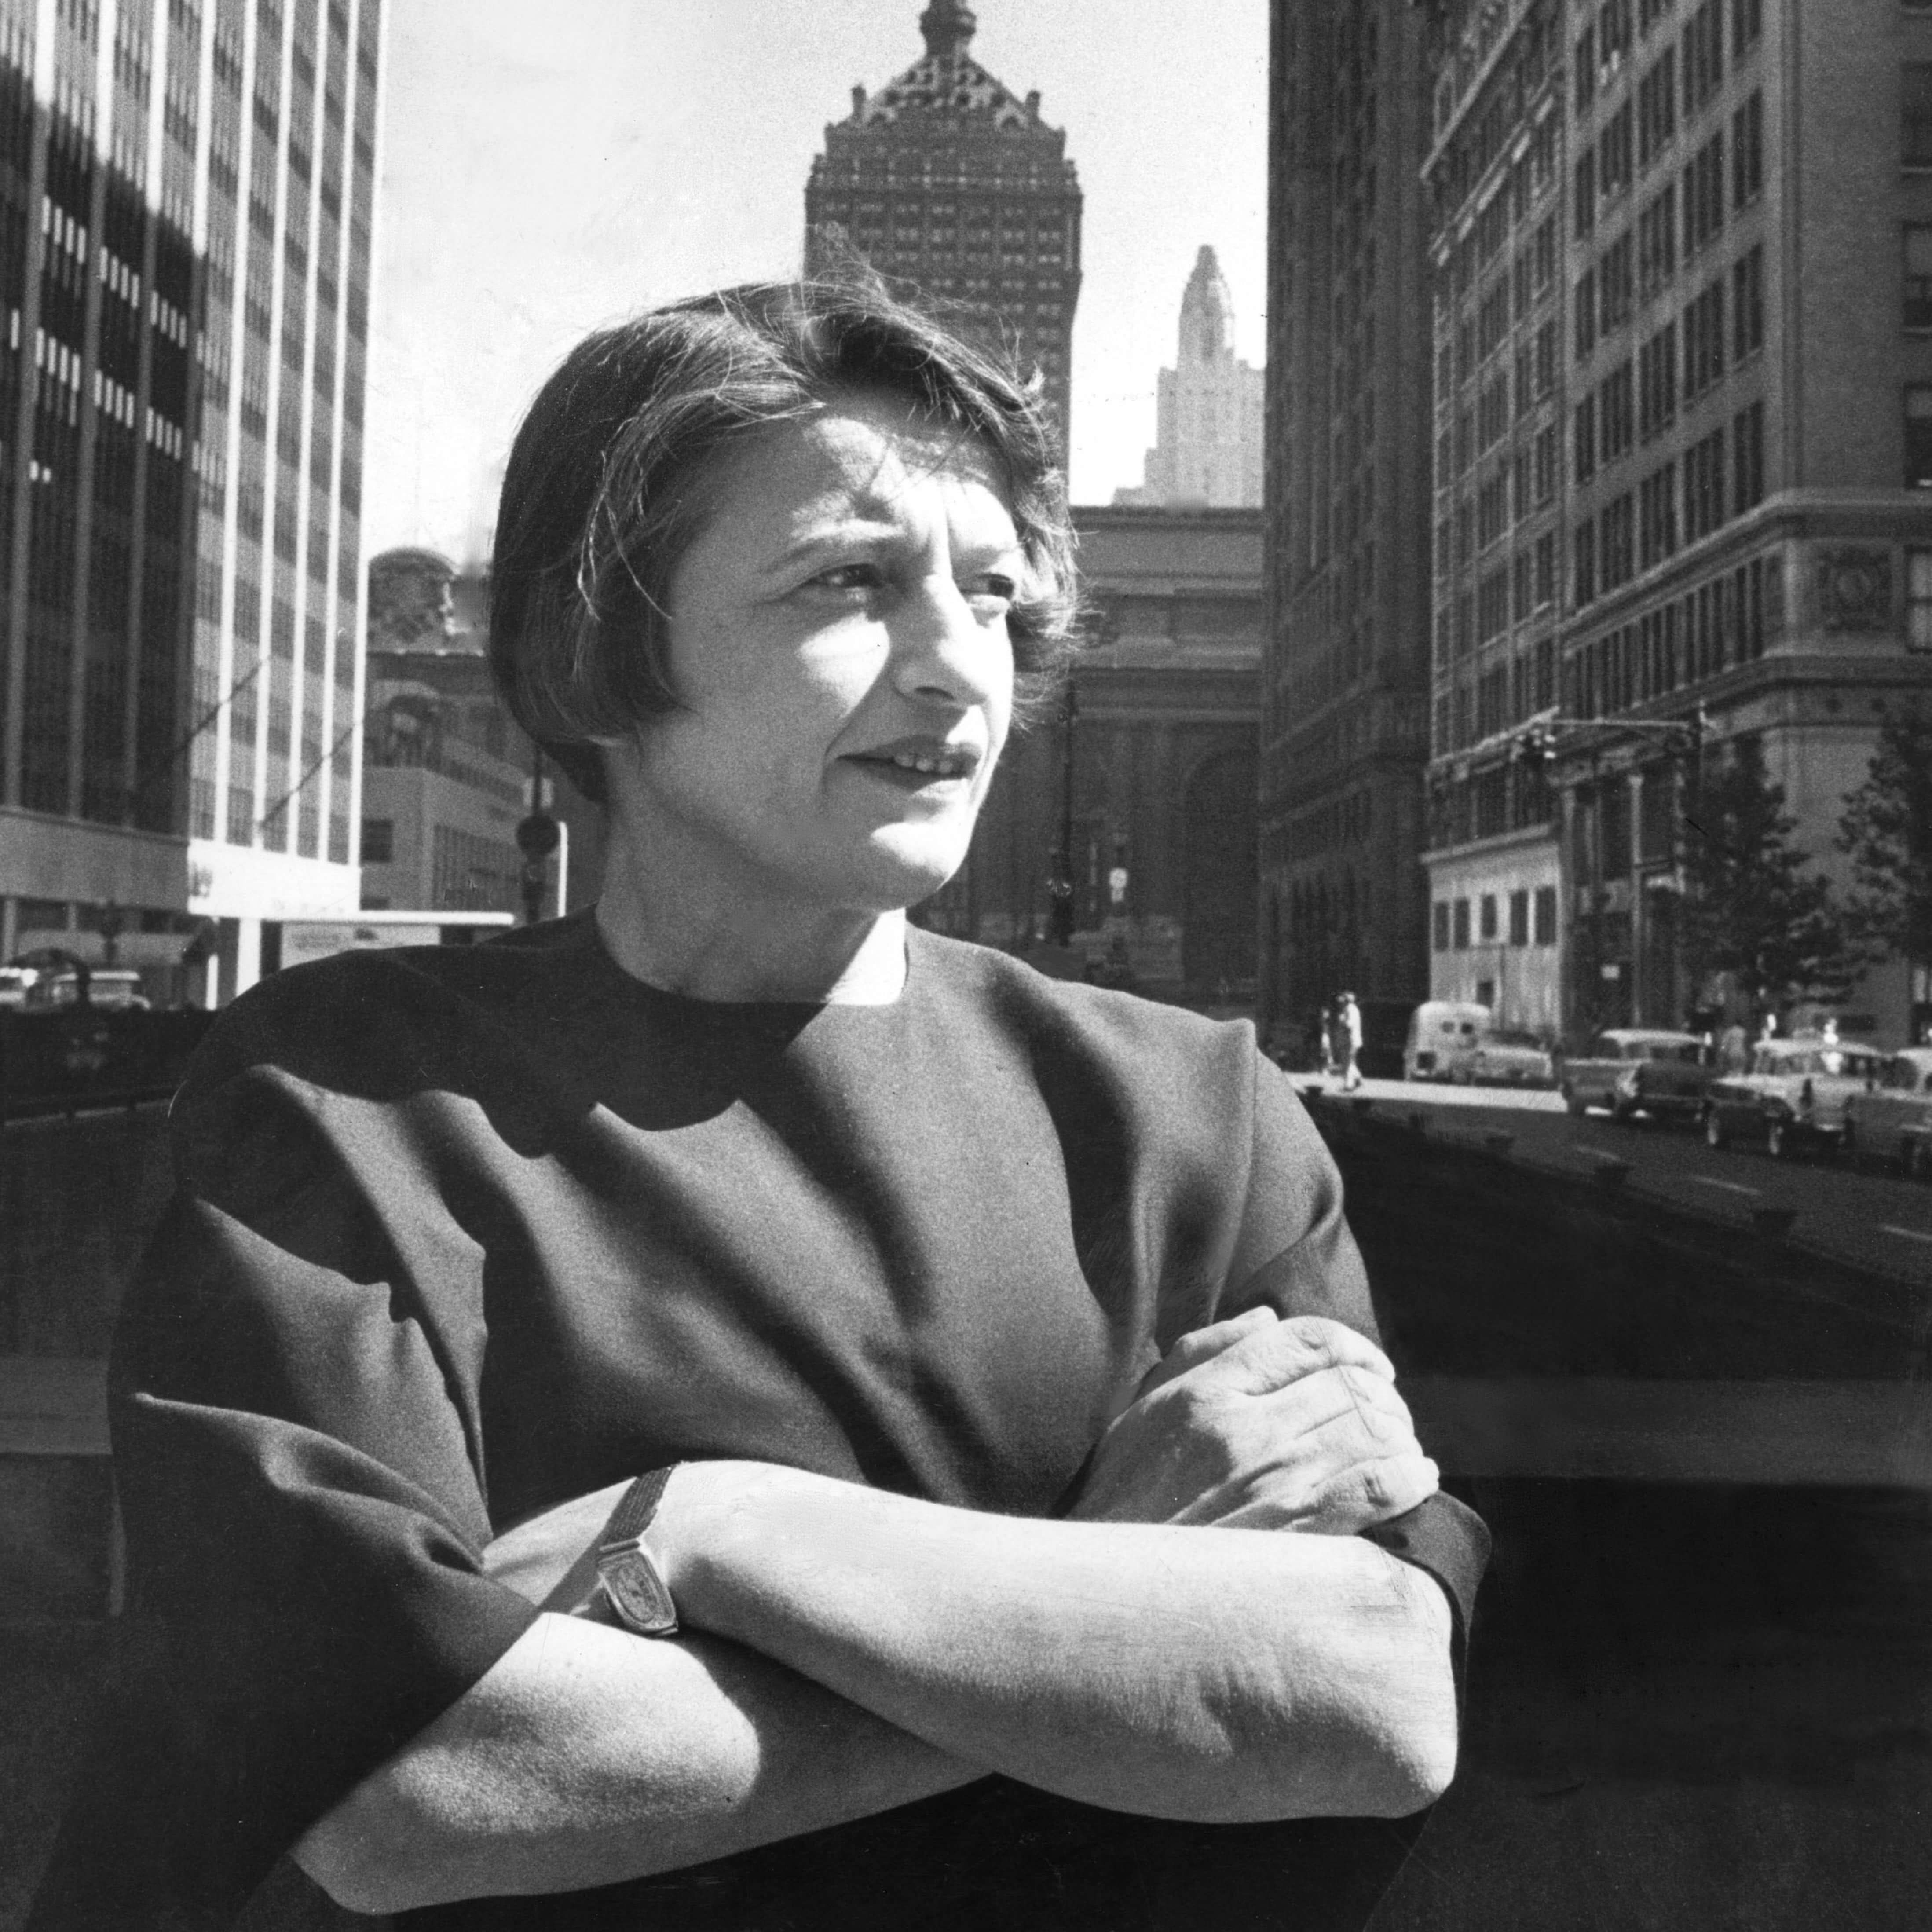 Айн Рэнд получила 12 отказов подряд до того, как смогла опубликовать роман «Источник». Фото: Allyn Baum / The New York Times